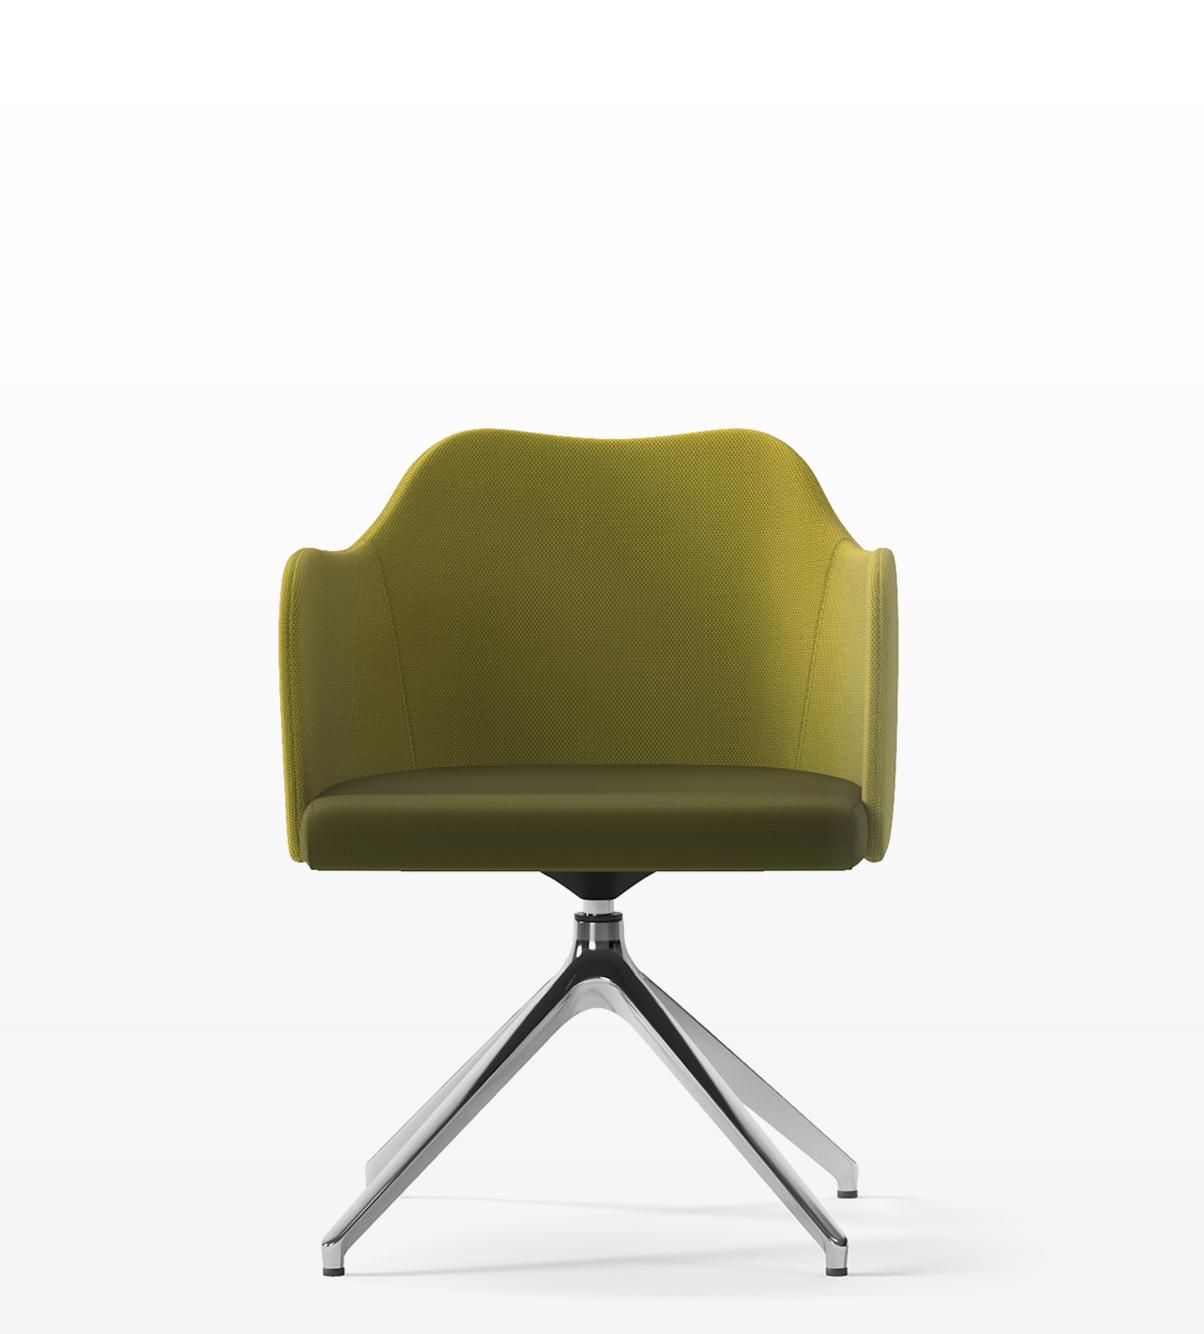 c3a165efcc862 BLITZ - Arte   D s.r.l. Seating solution